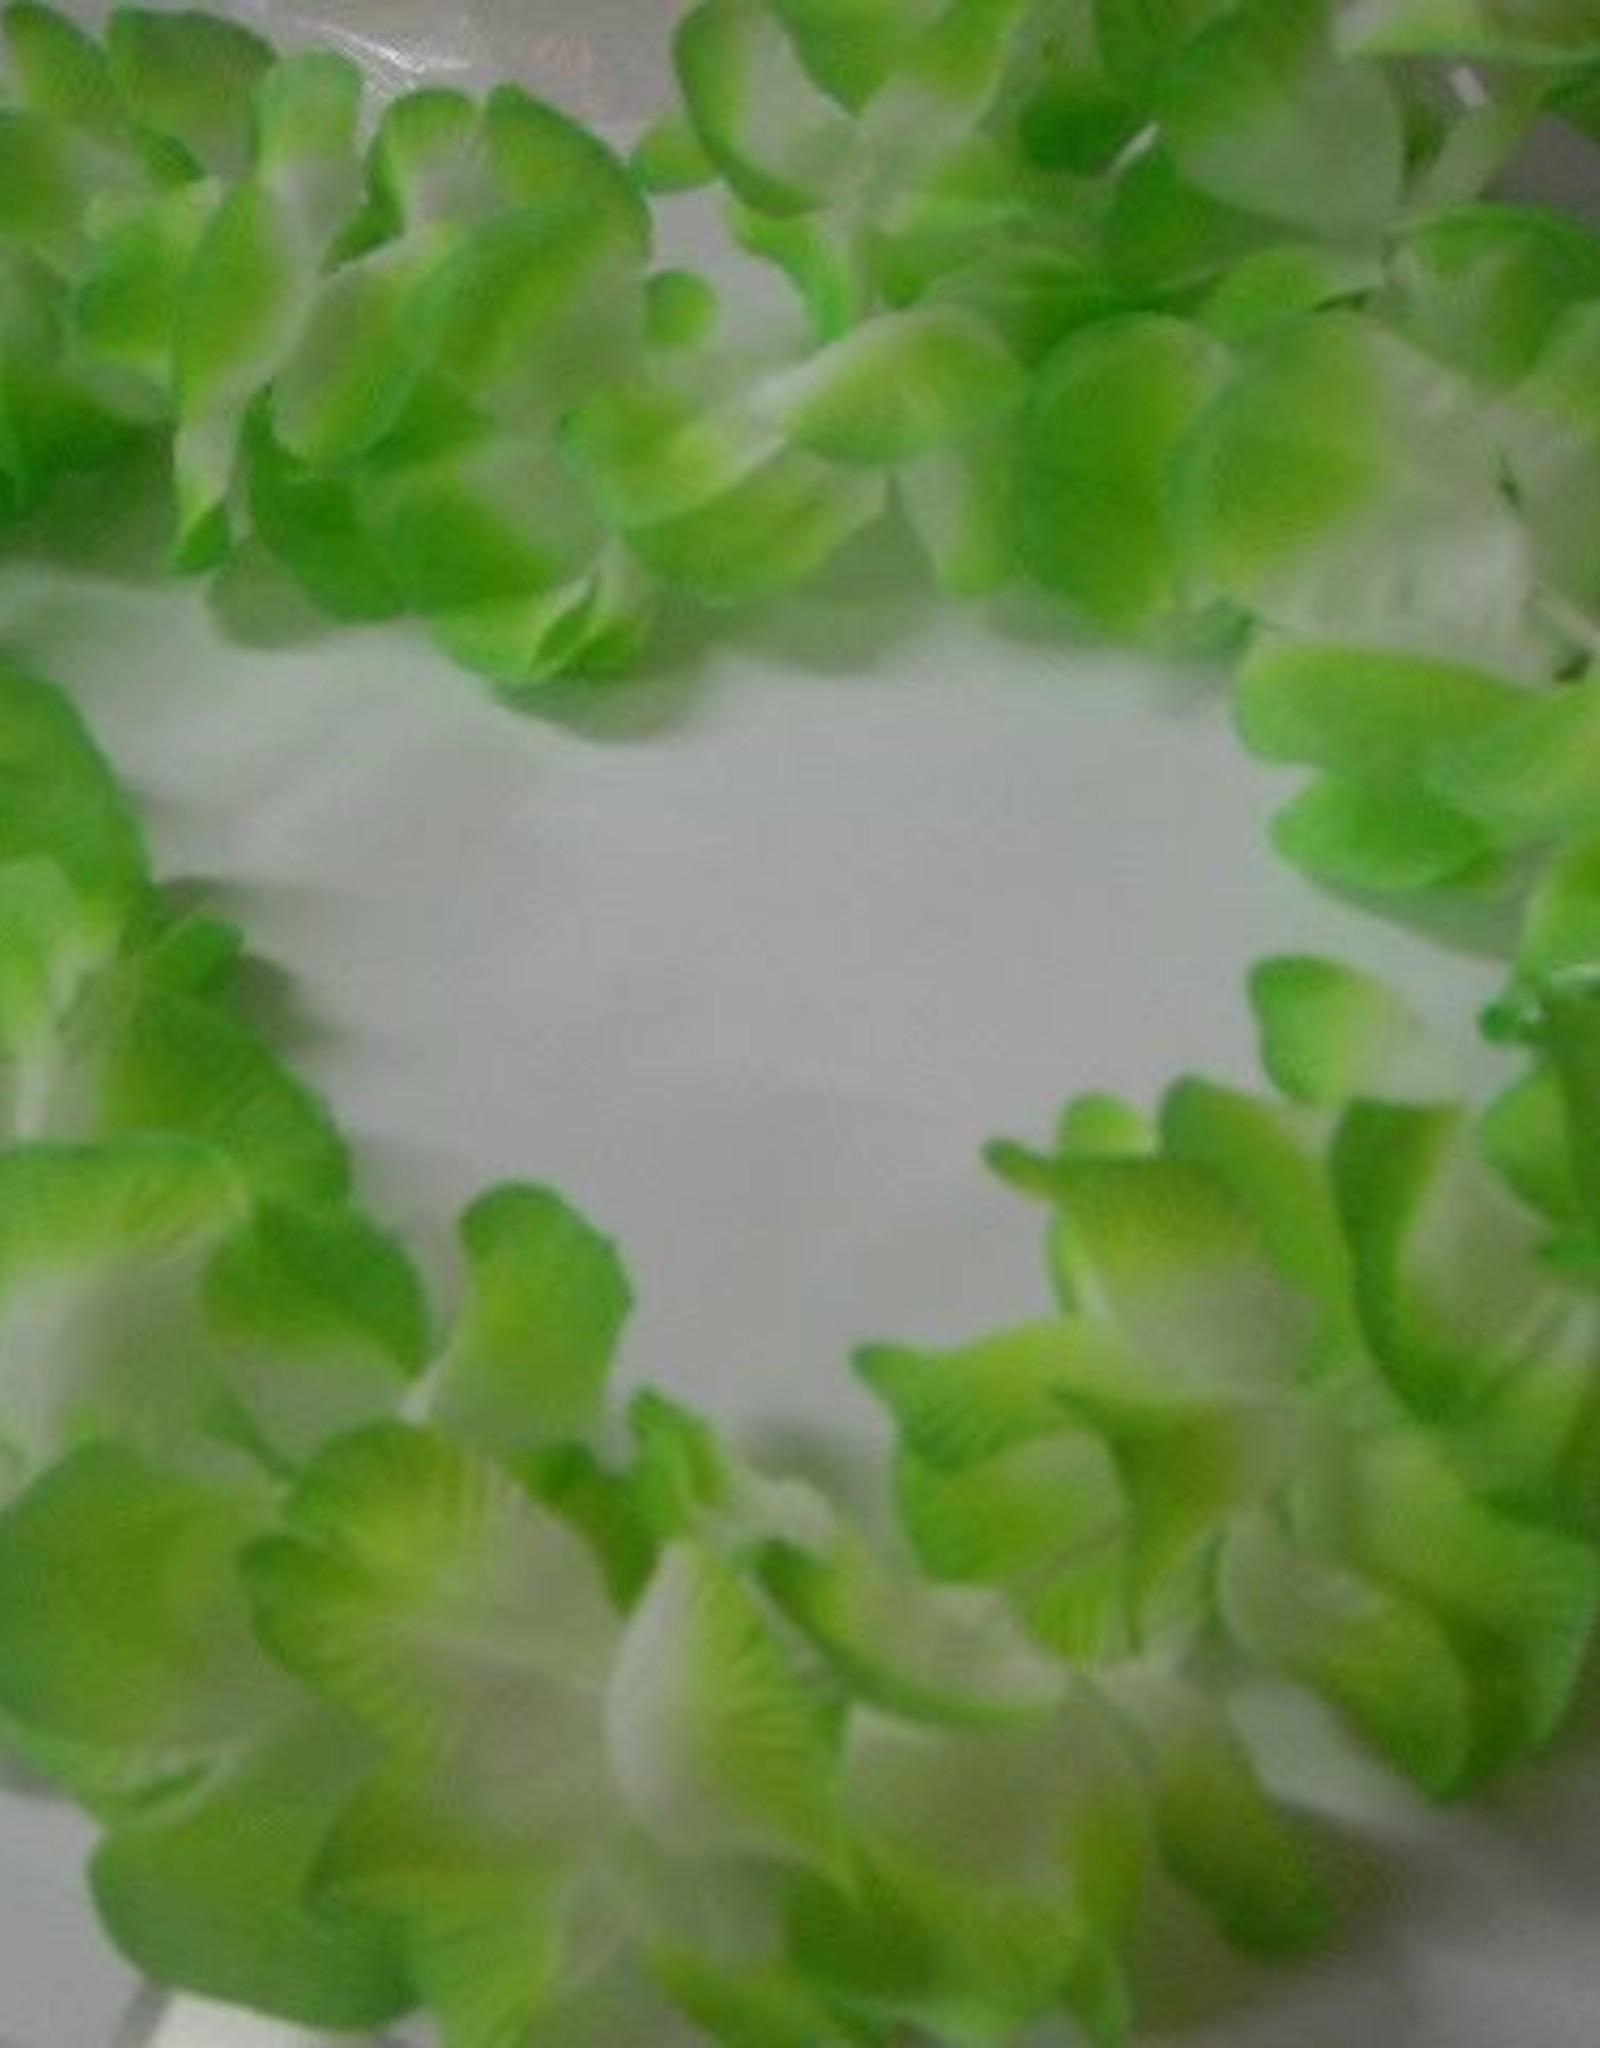 ESPA hawaï luxe groen